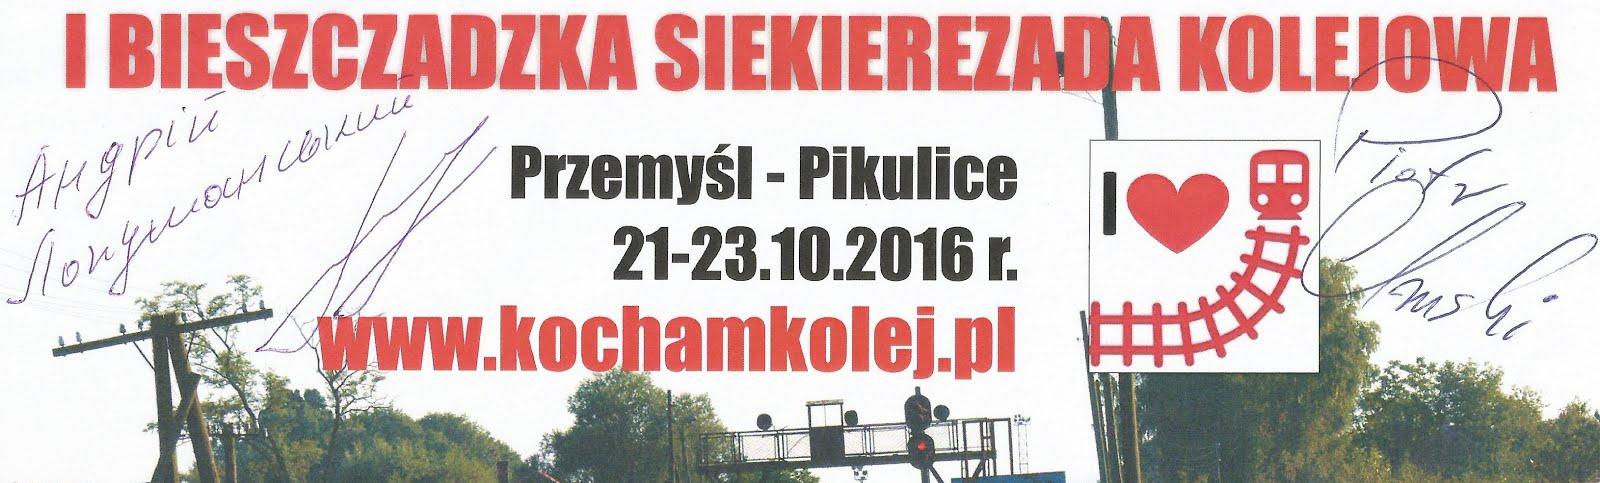 Akcję popierają posłowie: Piotr Uruski, Wojciech Bakun, Andrij Łopuszańskij, Marek Rząsa